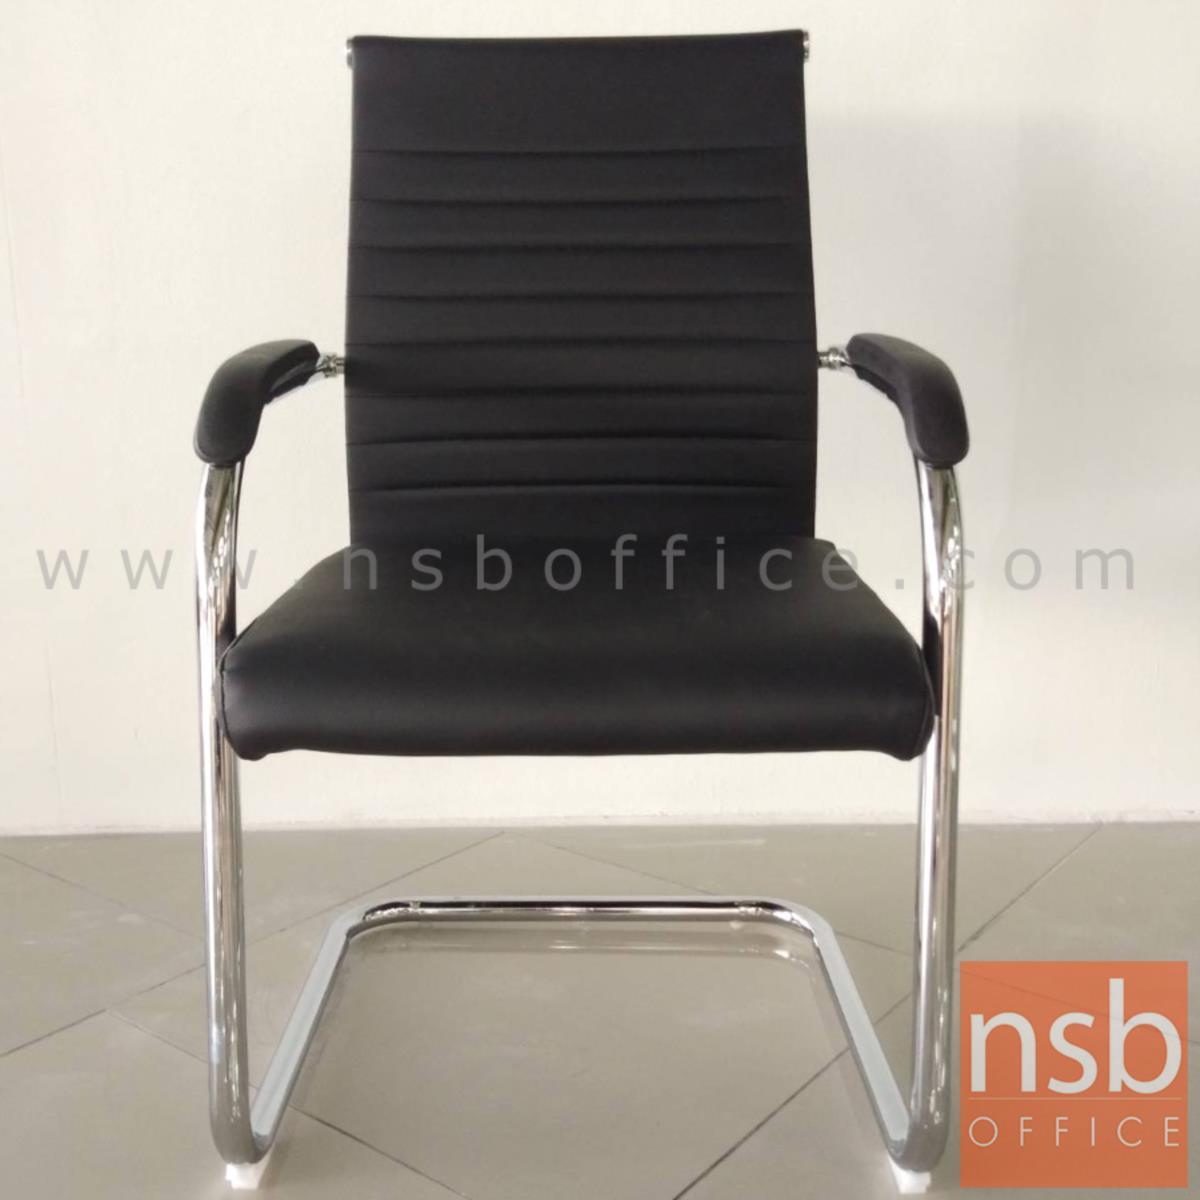 เก้าอี้รับแขกขาตัวซี รุ่น Alemana (อารีมานะ) ขาเหล็กชุบโครเมี่ยม